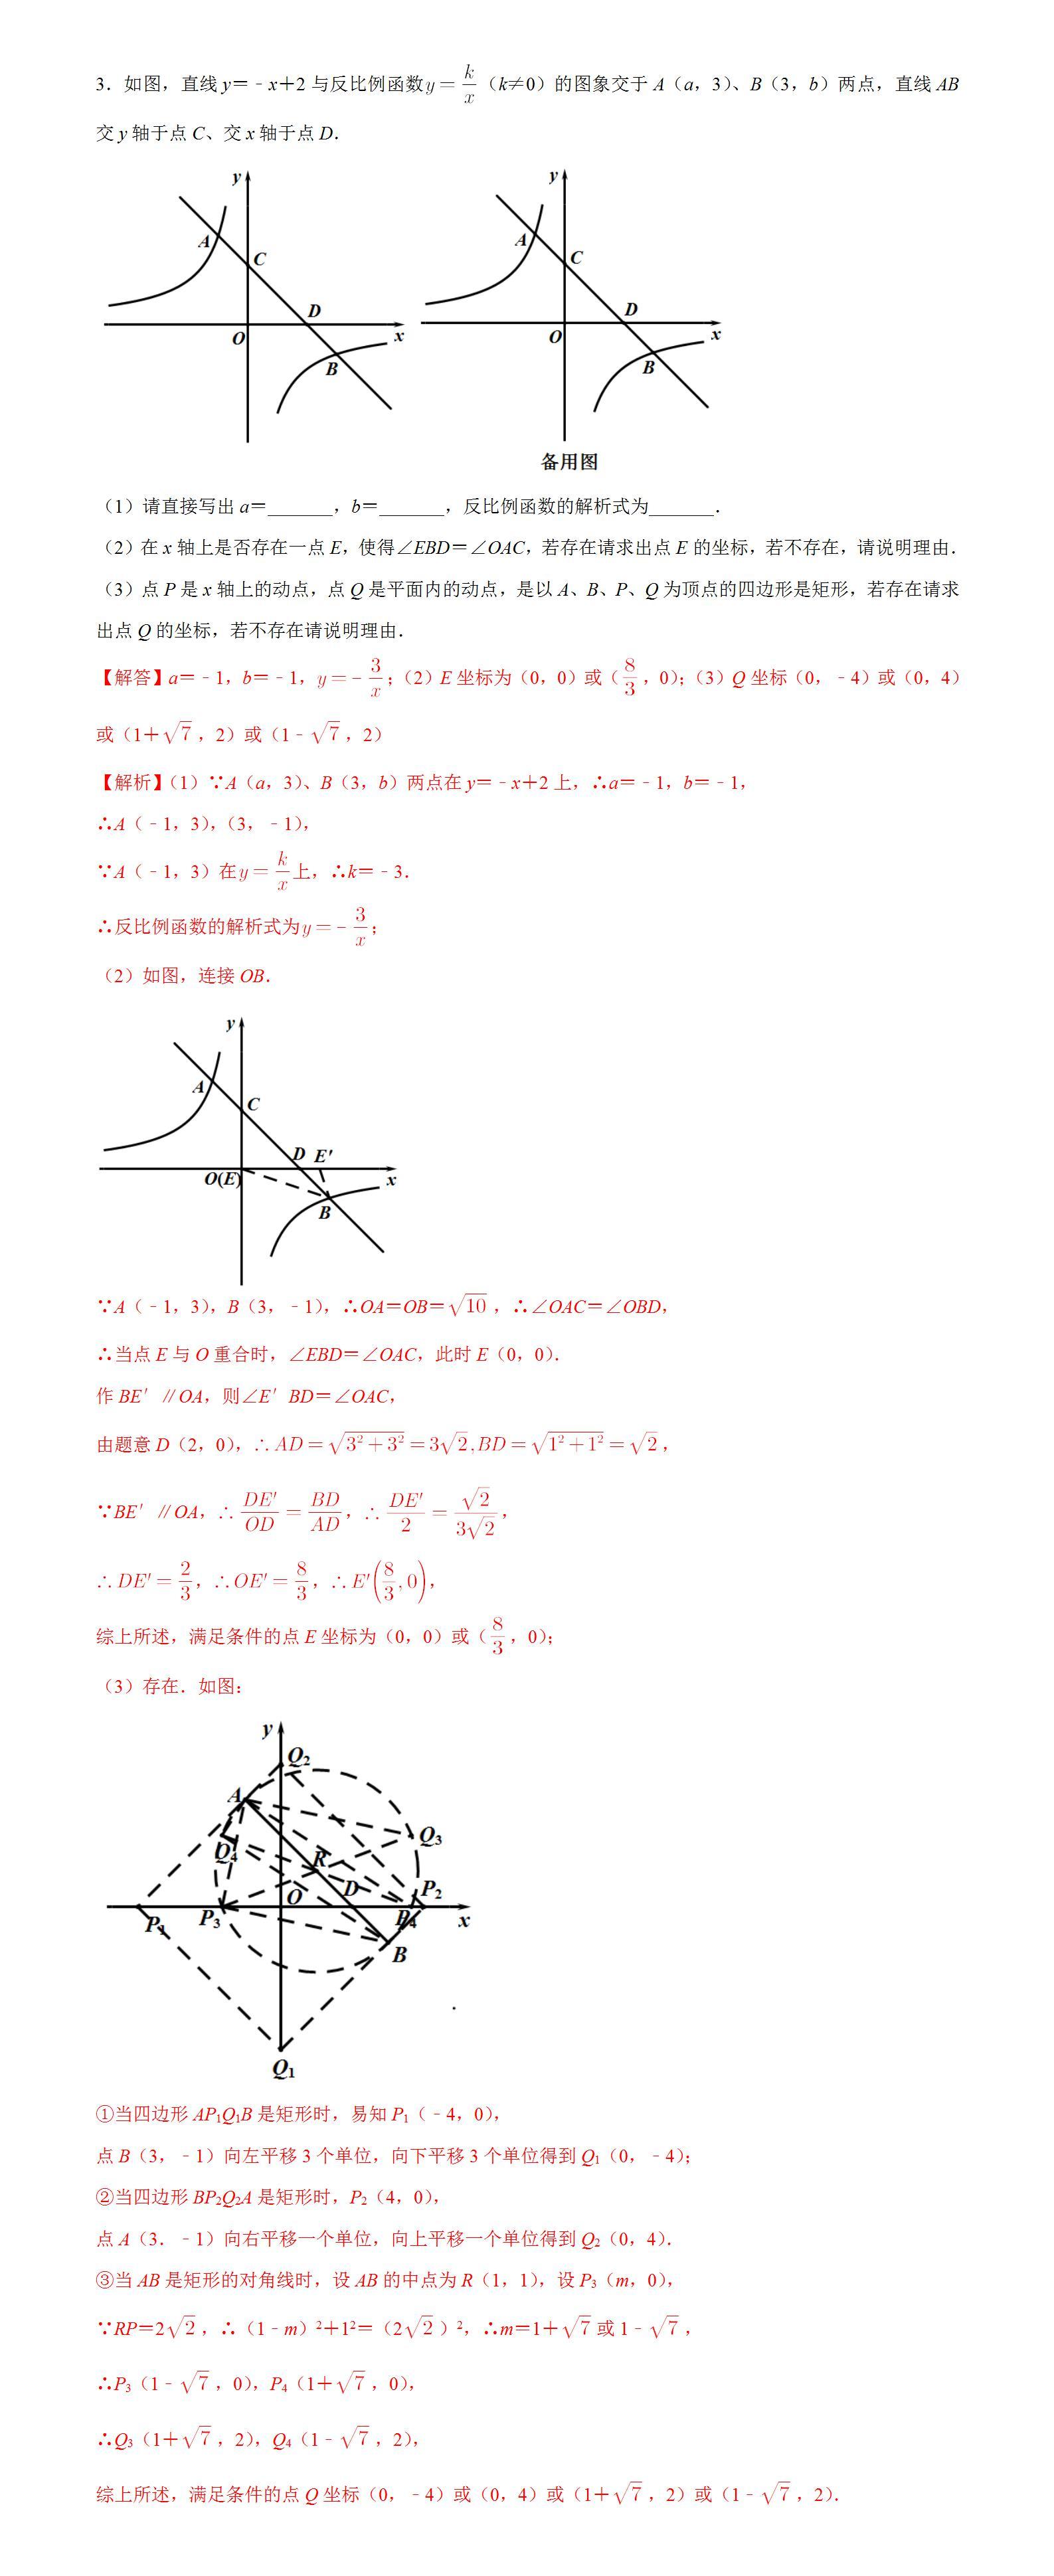 2020年初三数学矩形存在性问题巩固练习(基础)试题及答案(三)